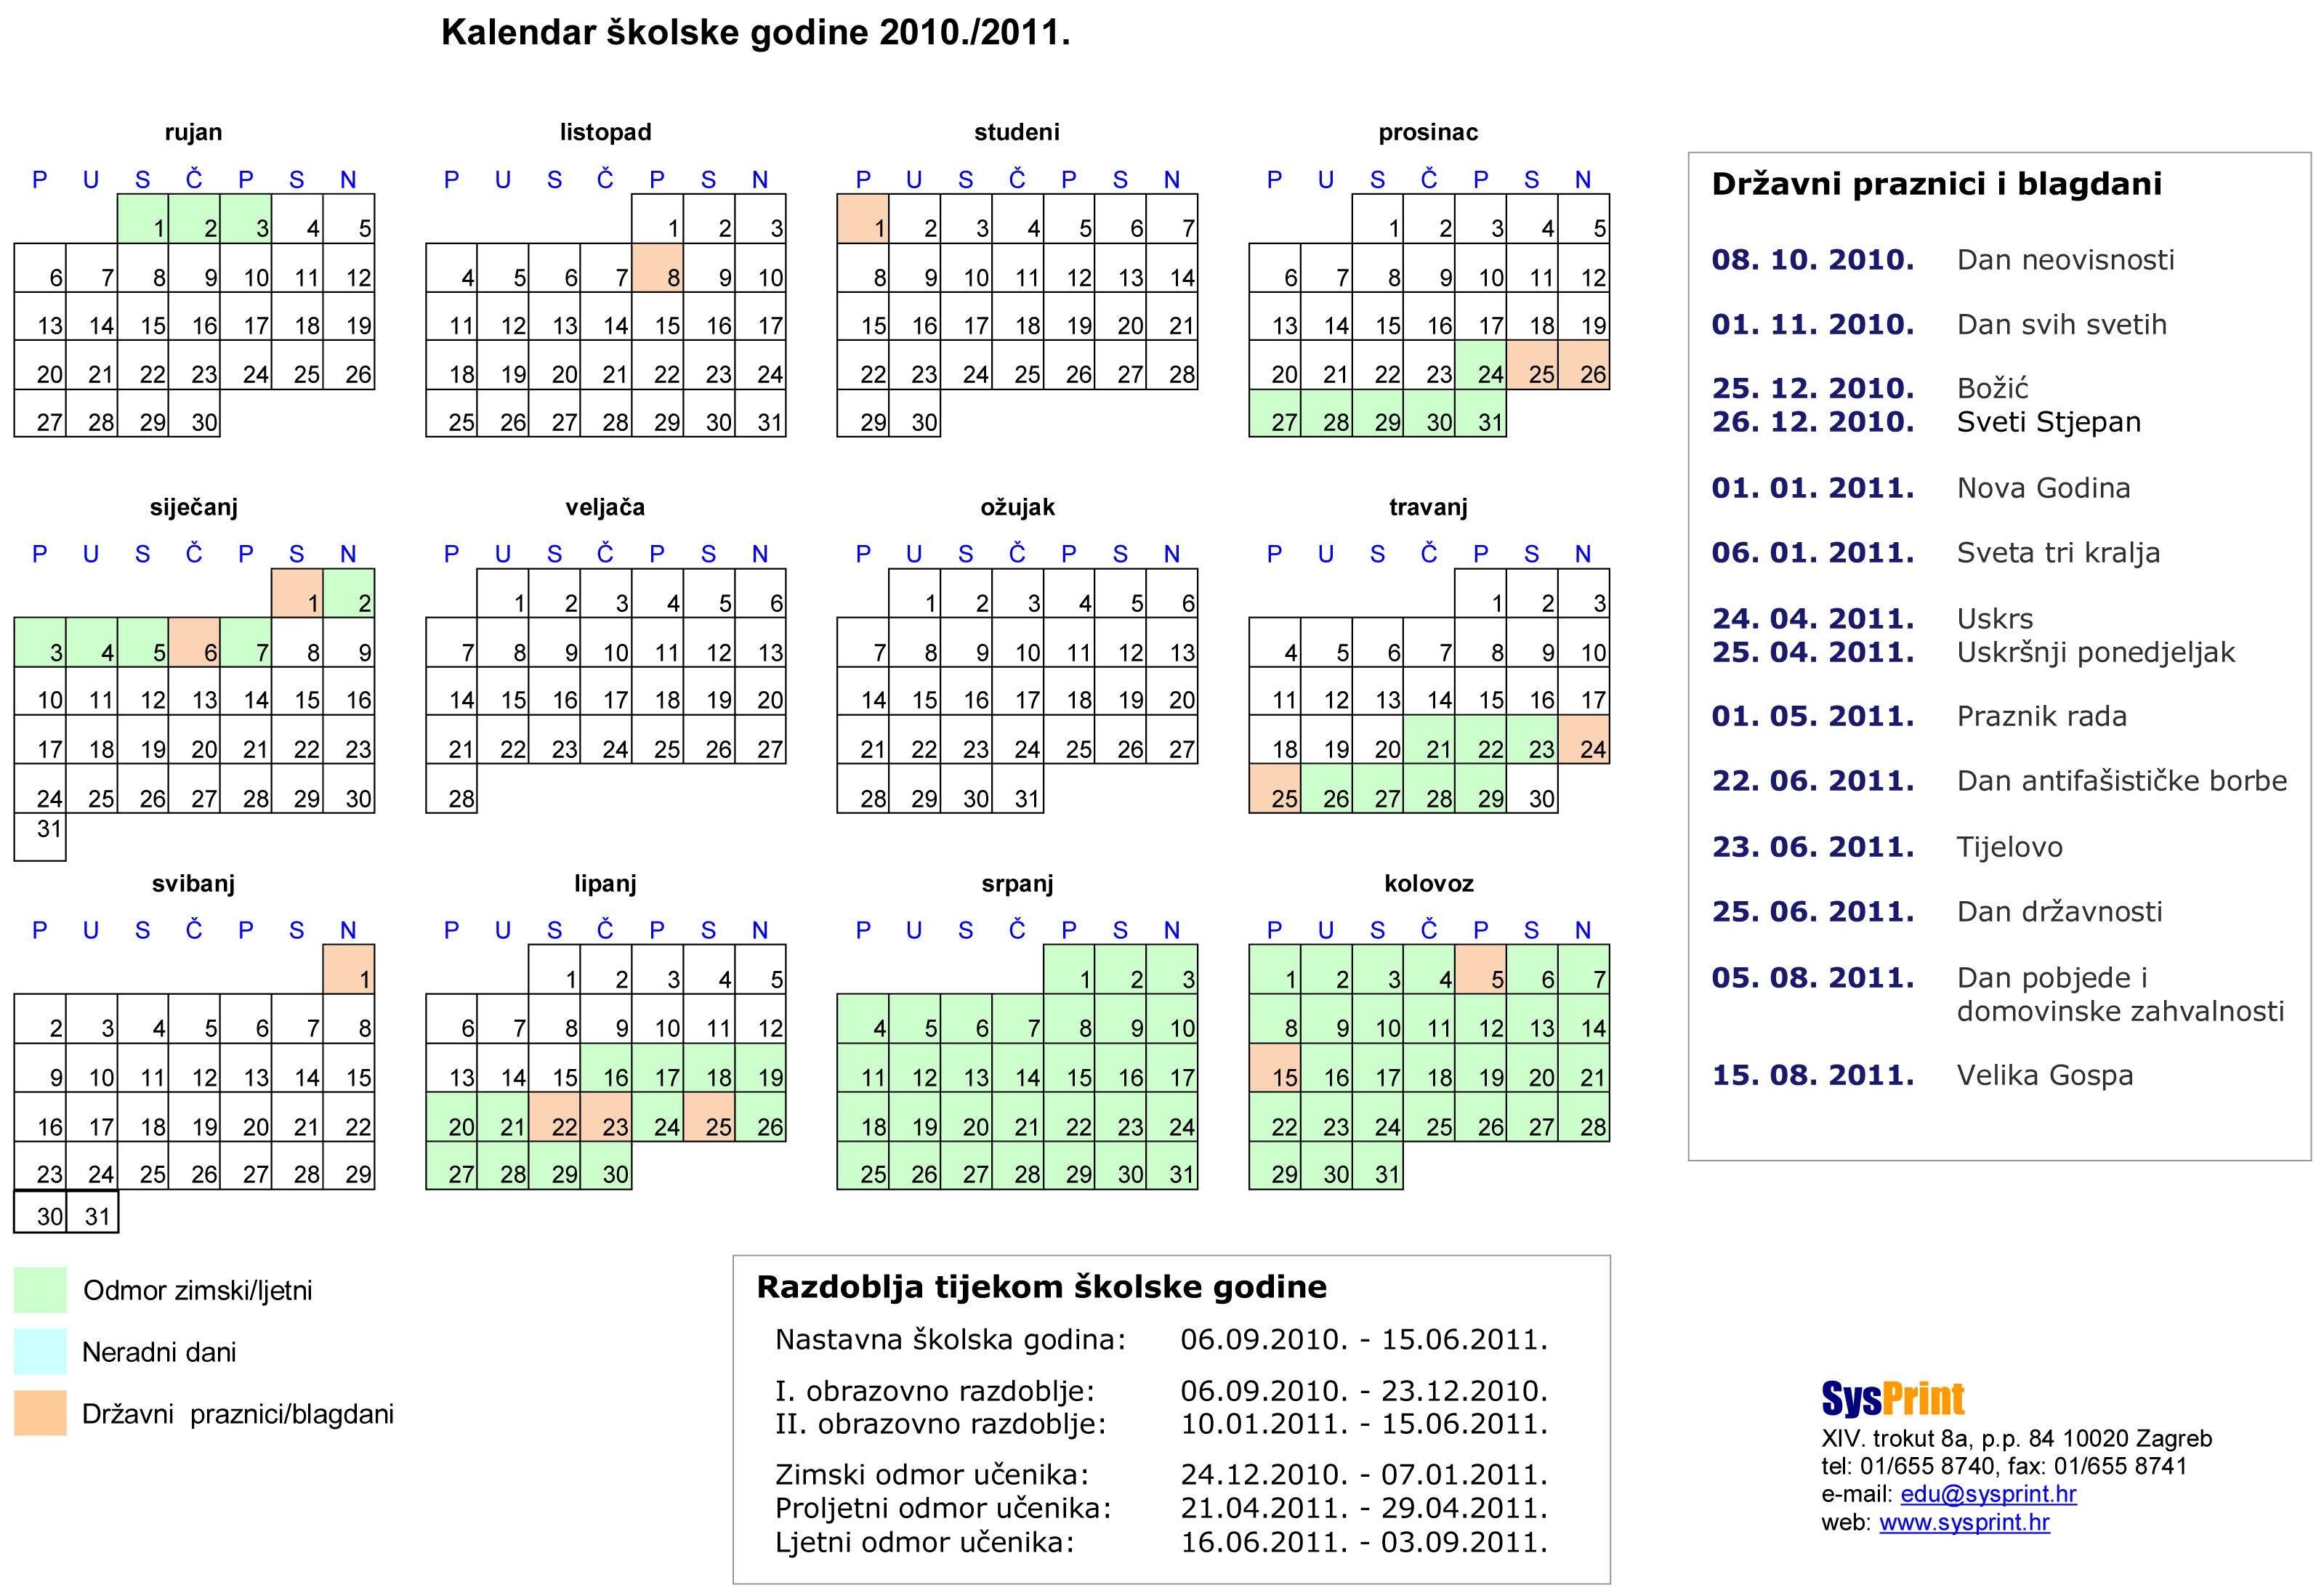 Kalendar školske godine preuzet od SysPrint.